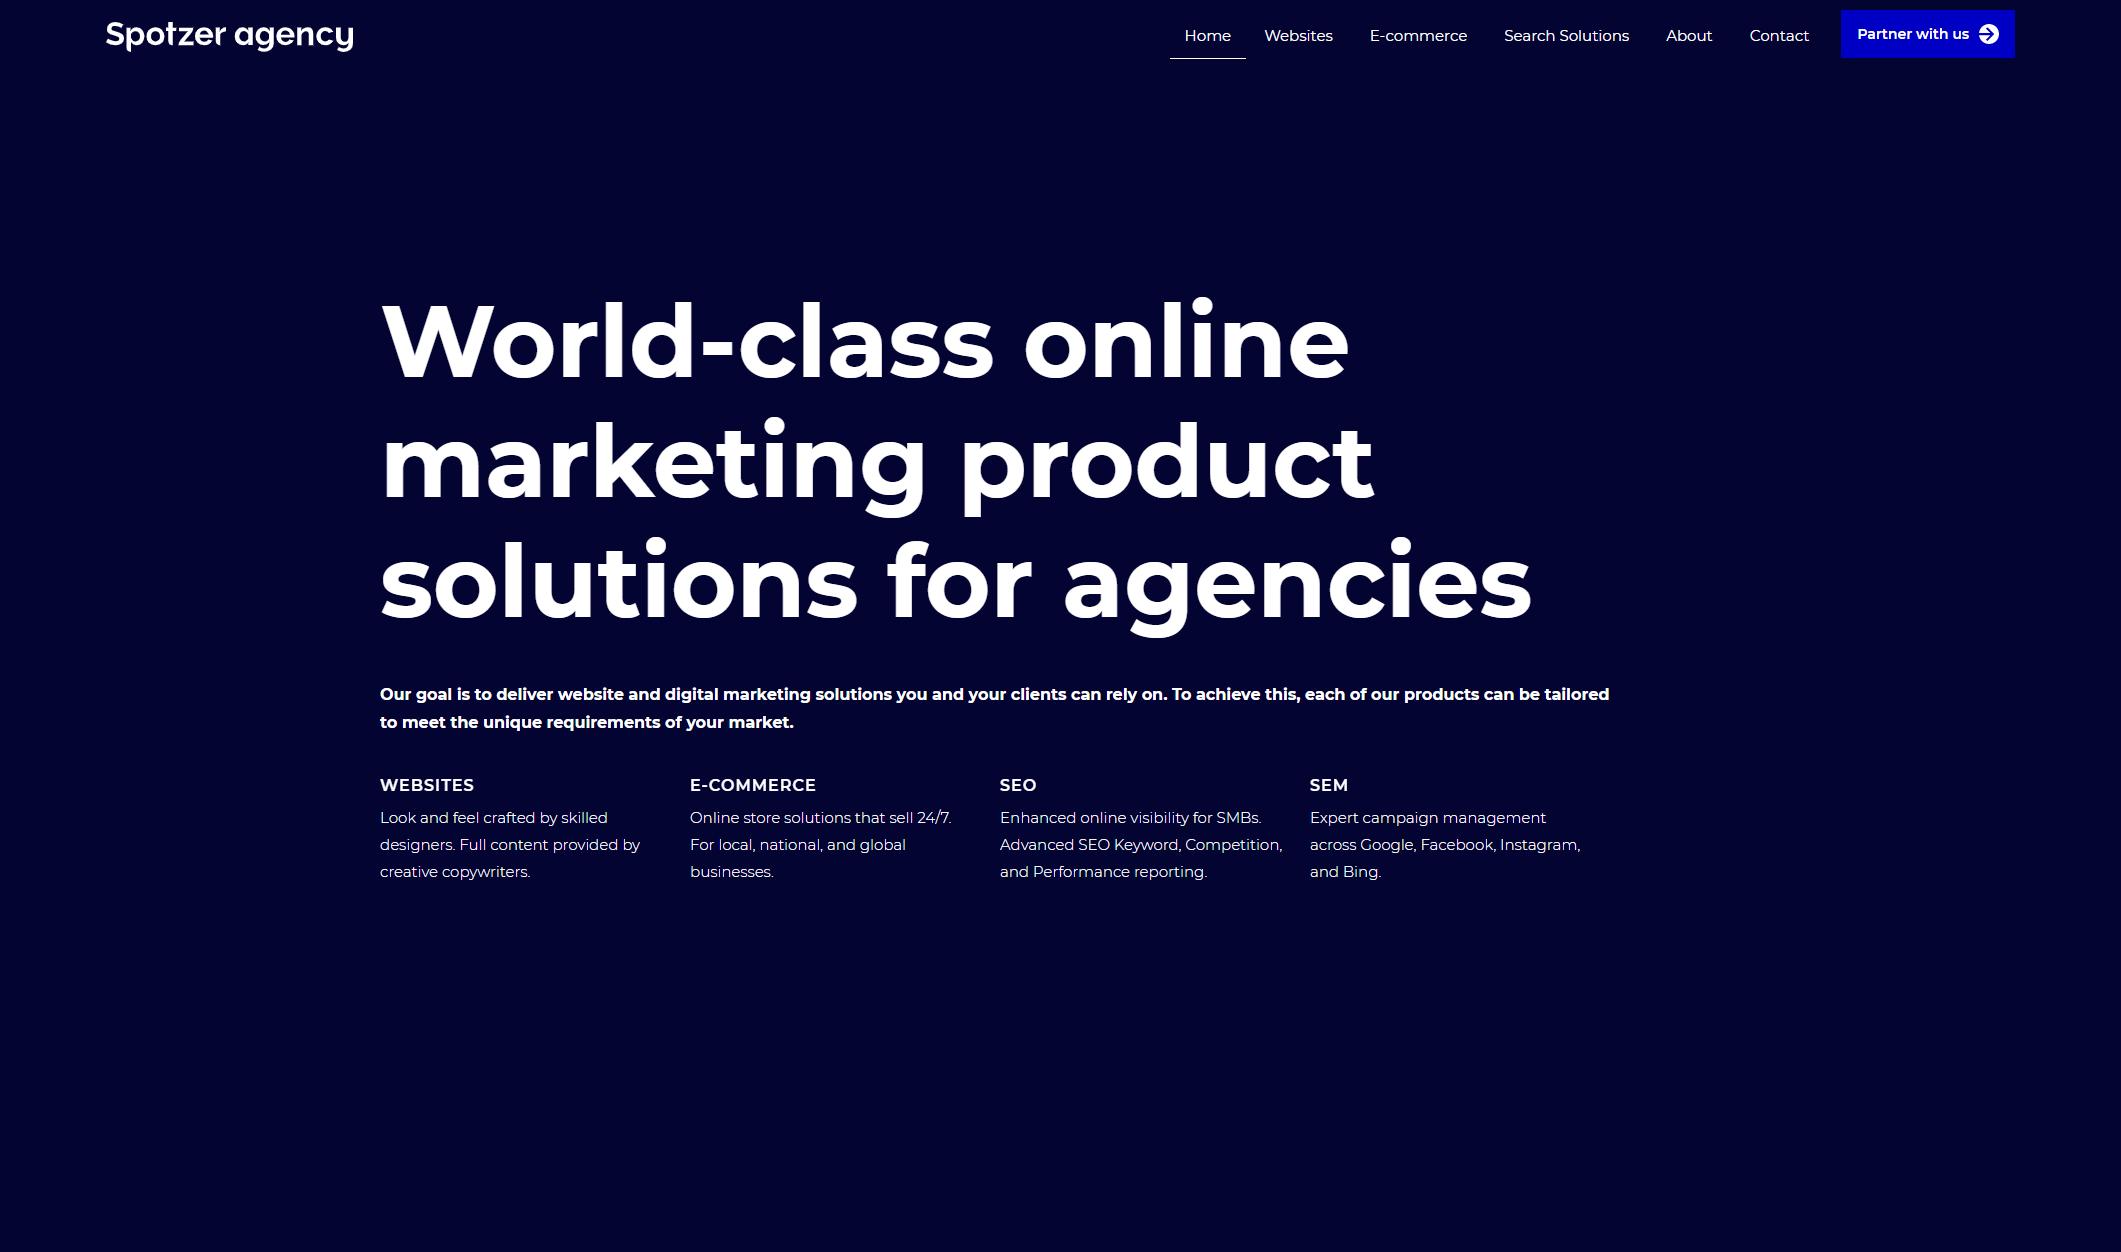 www.spotzeragency.com-4